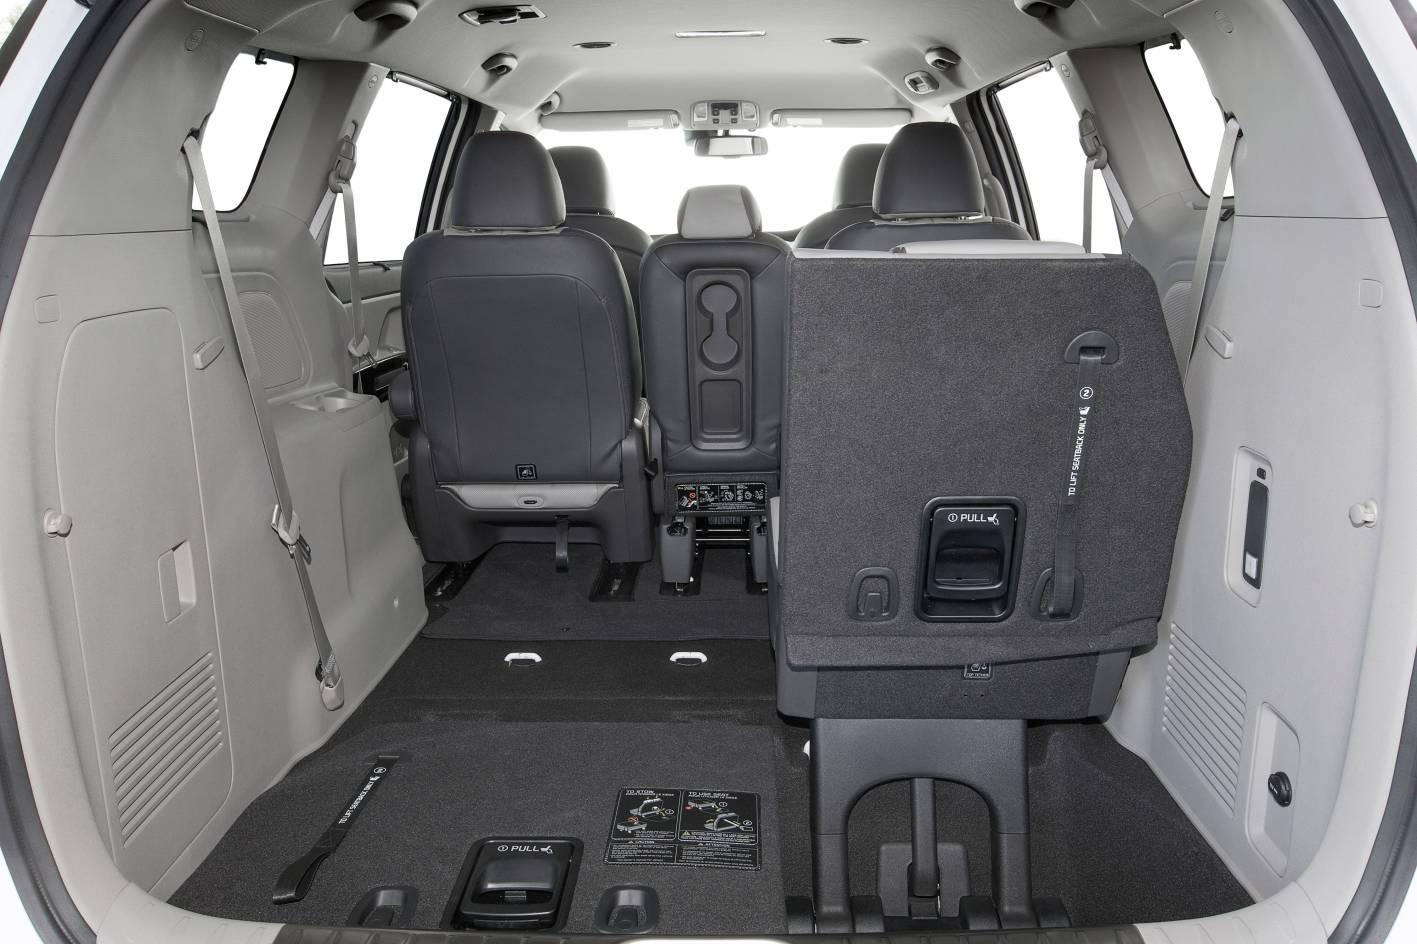 2016 Kia Carnival cargo - 6 seater.jpg